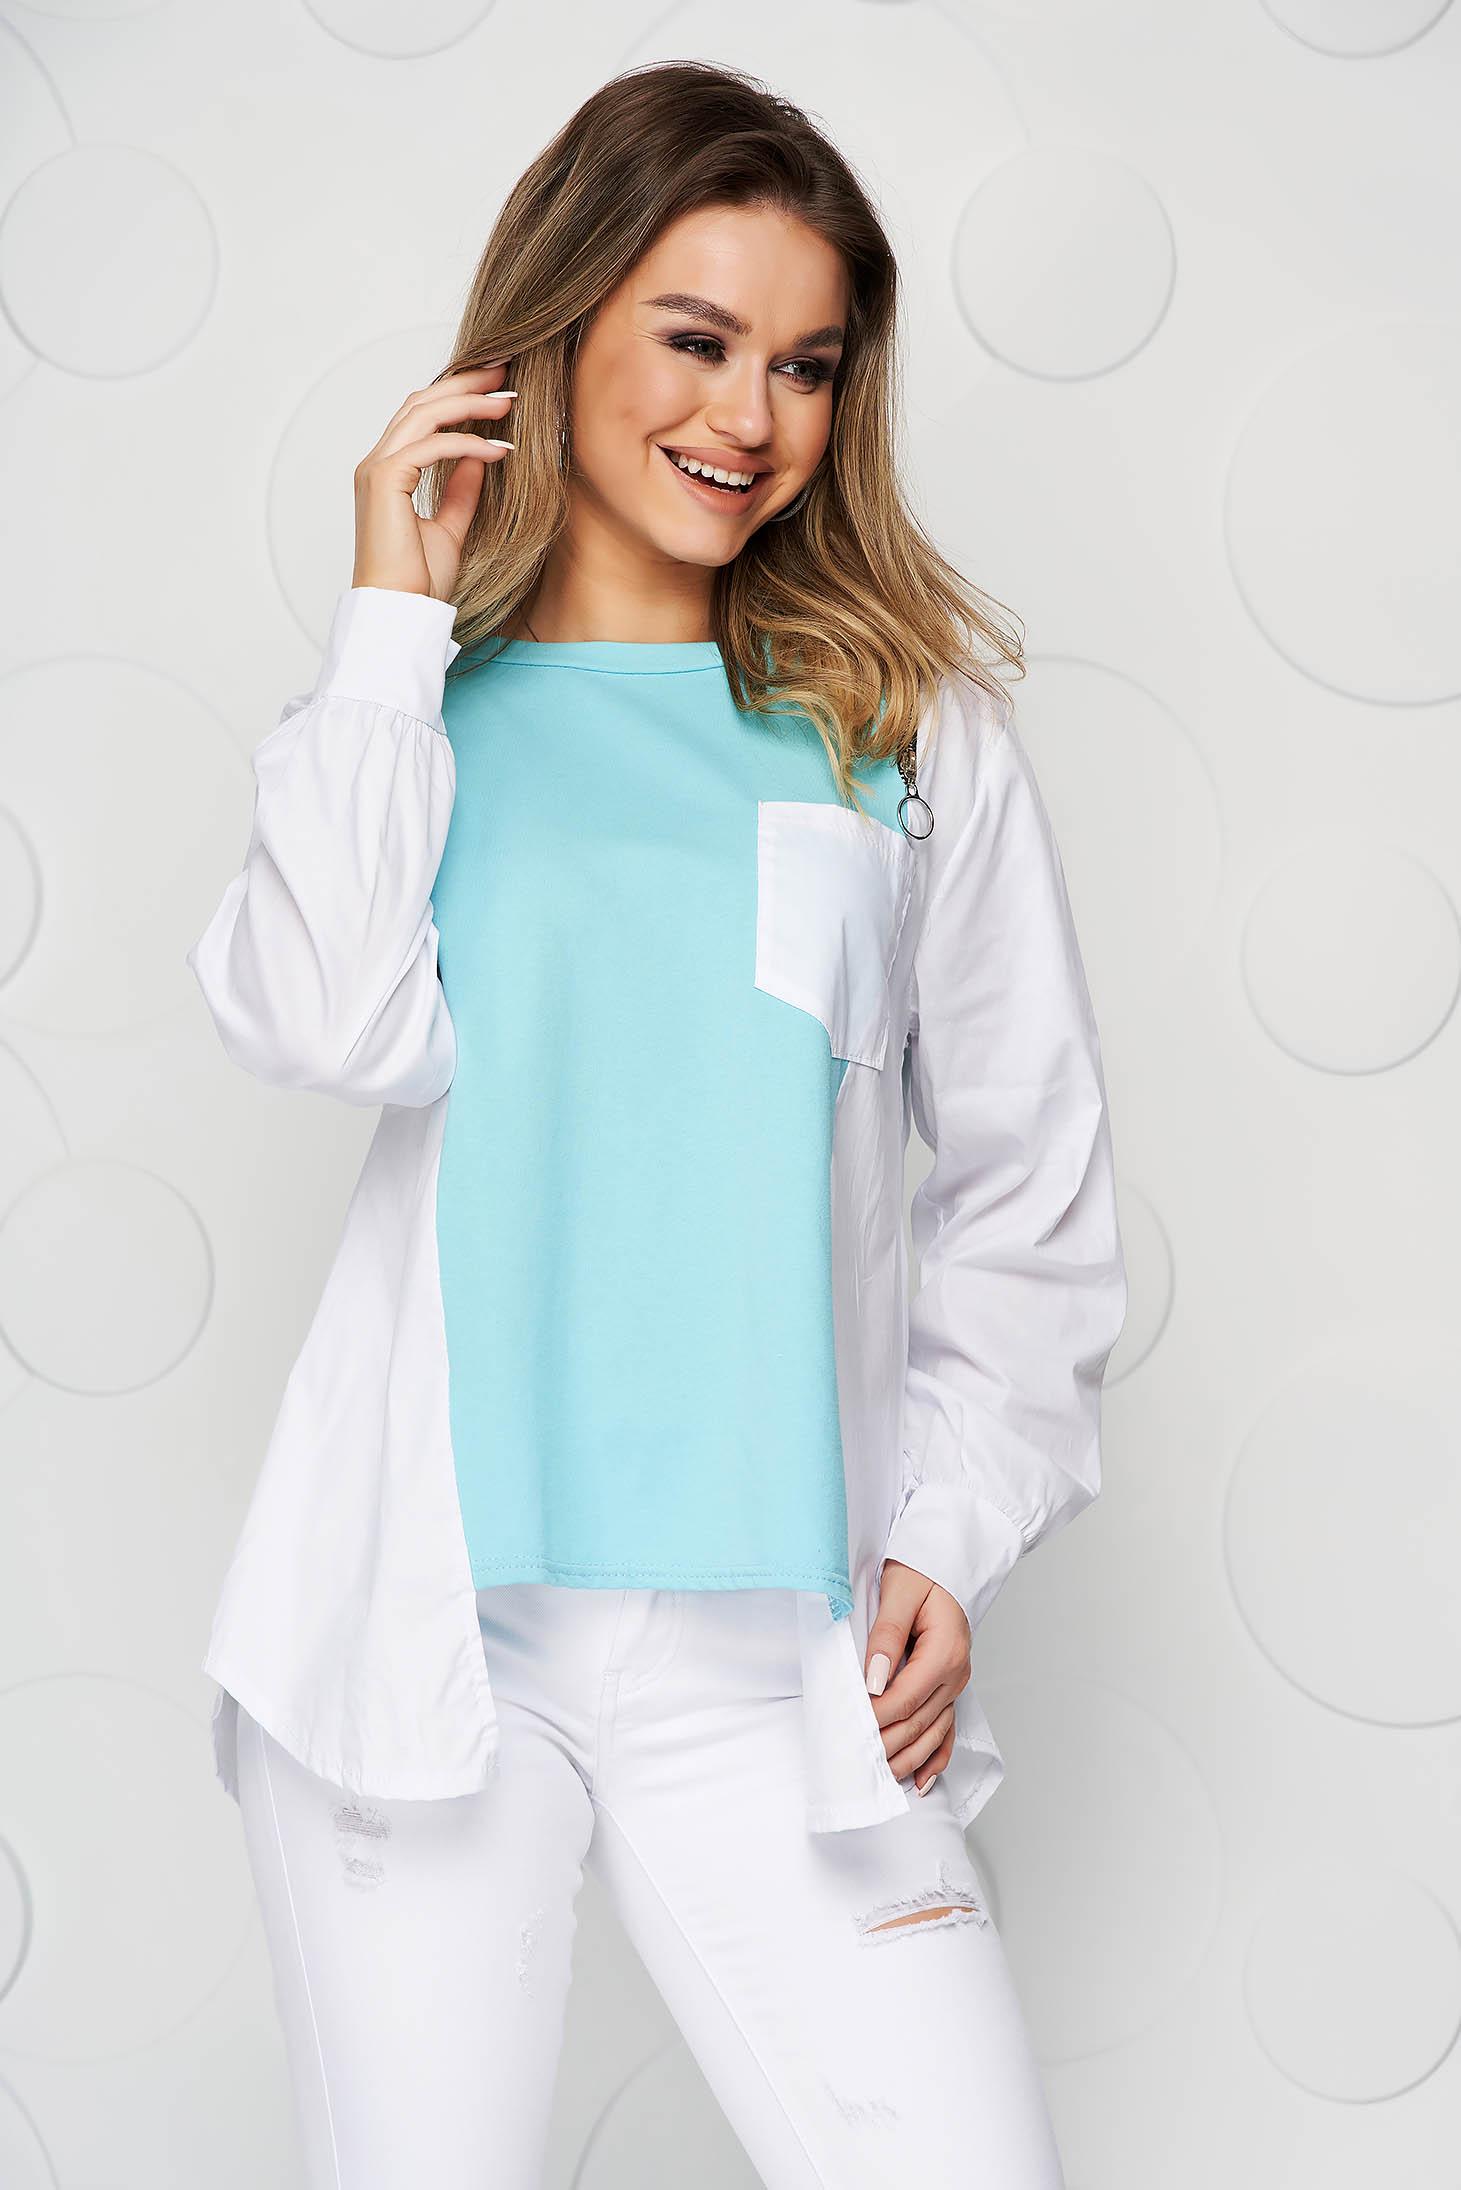 Bluza dama SunShine turcoaz din bumbac asimetrica cu croi larg accesorizata cu fermoare